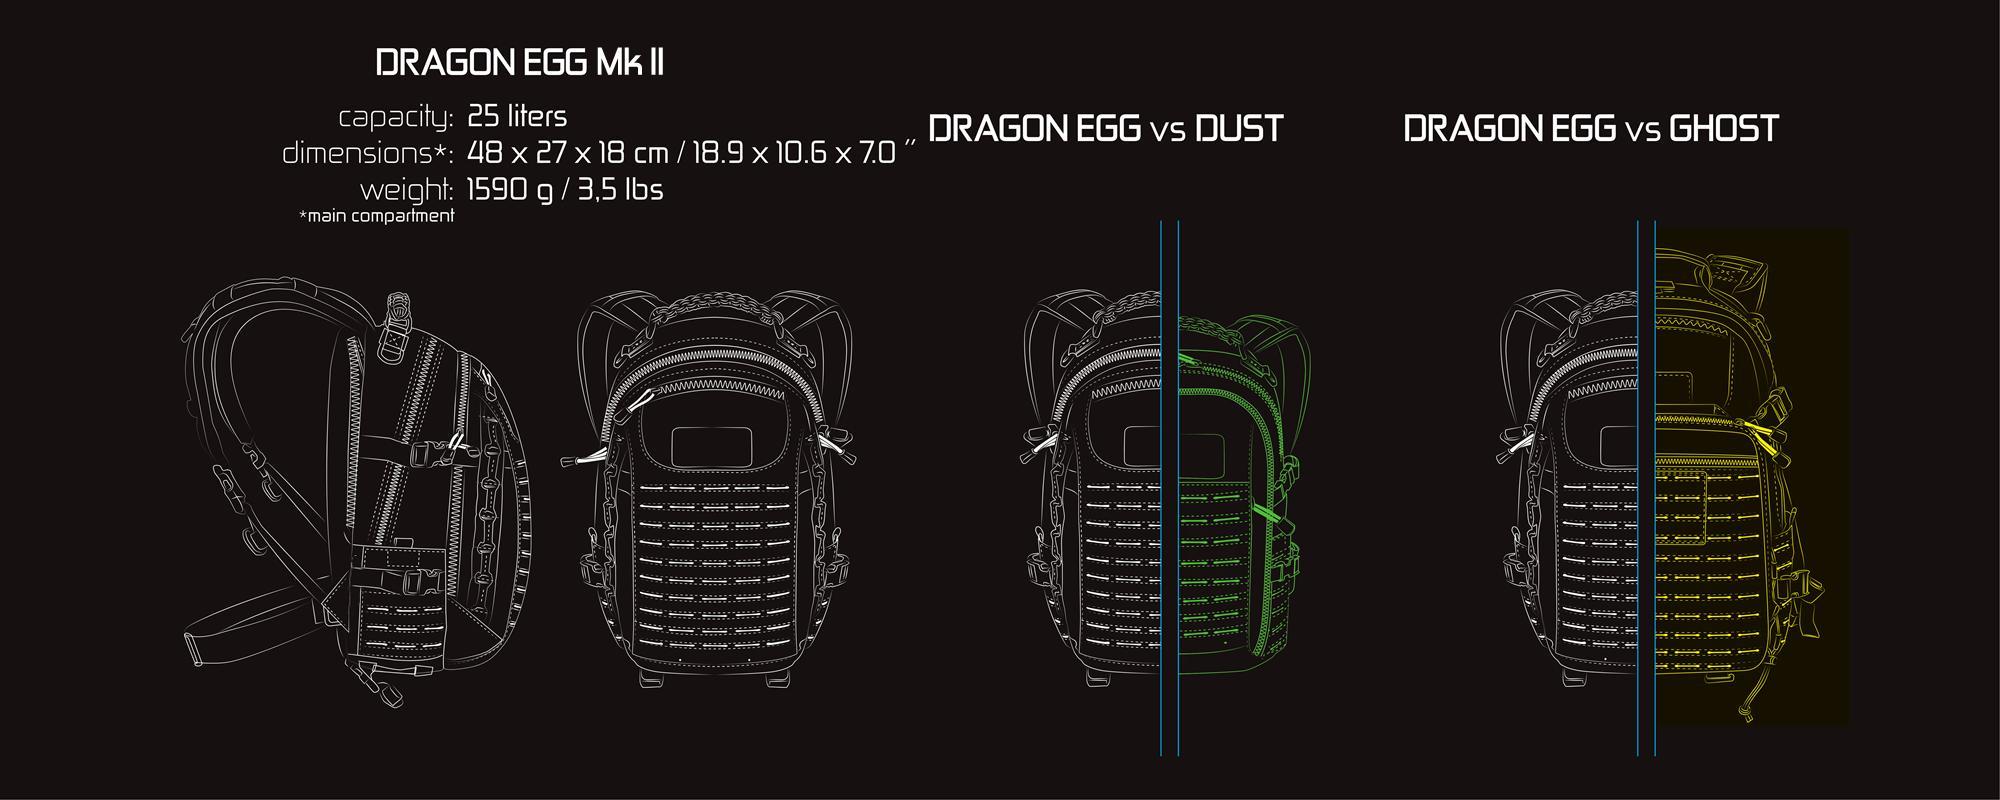 DRAGON_EGG_MKII_COMPARE_2000_8008Sa4NgUKQ7Zi3